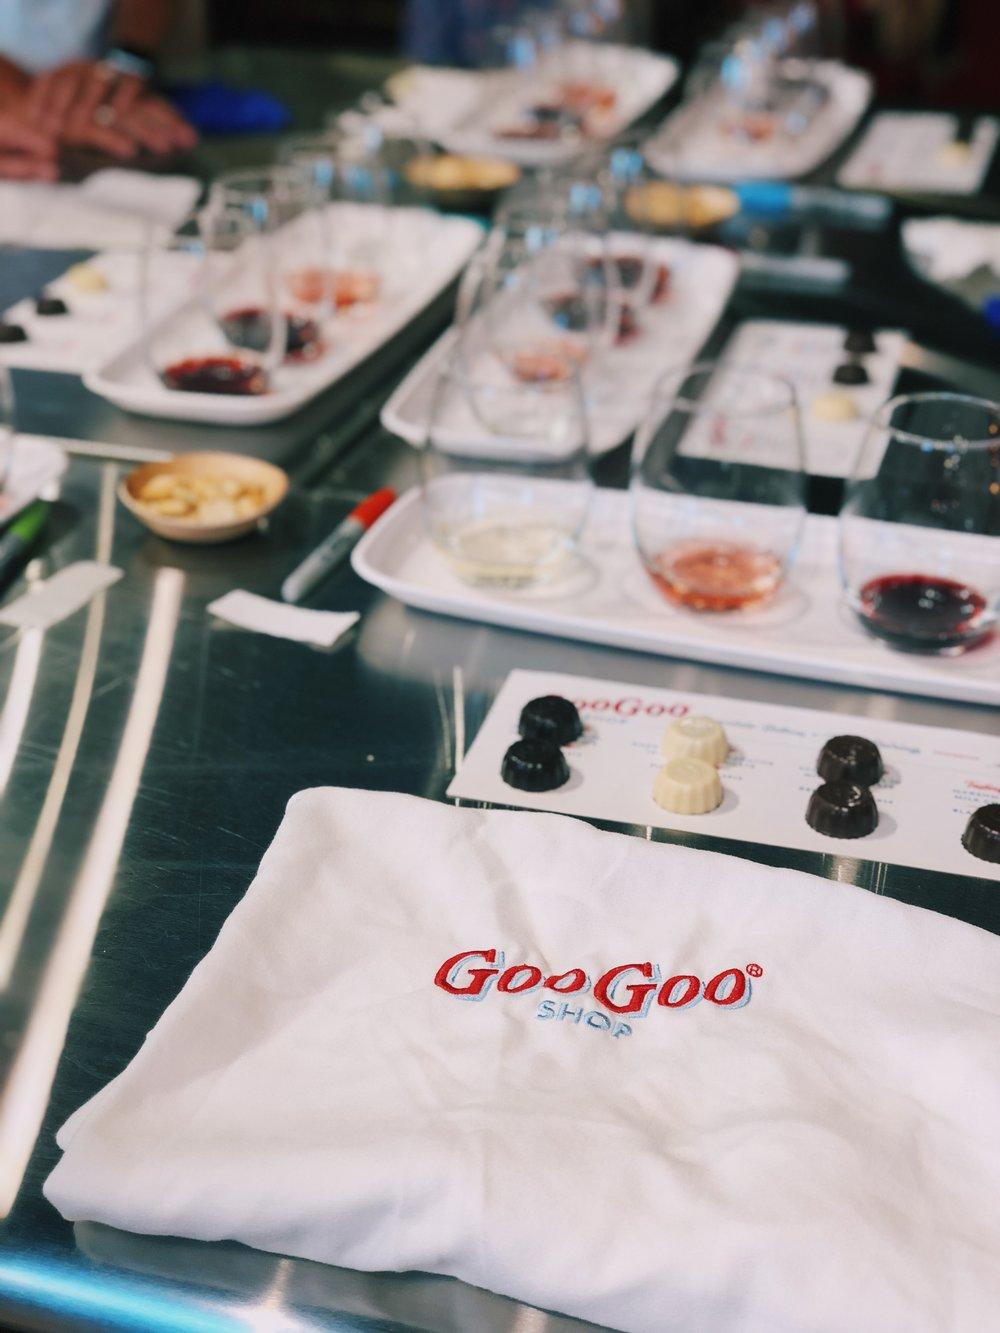 Goo Goo Chocolate Wine Pairing Class